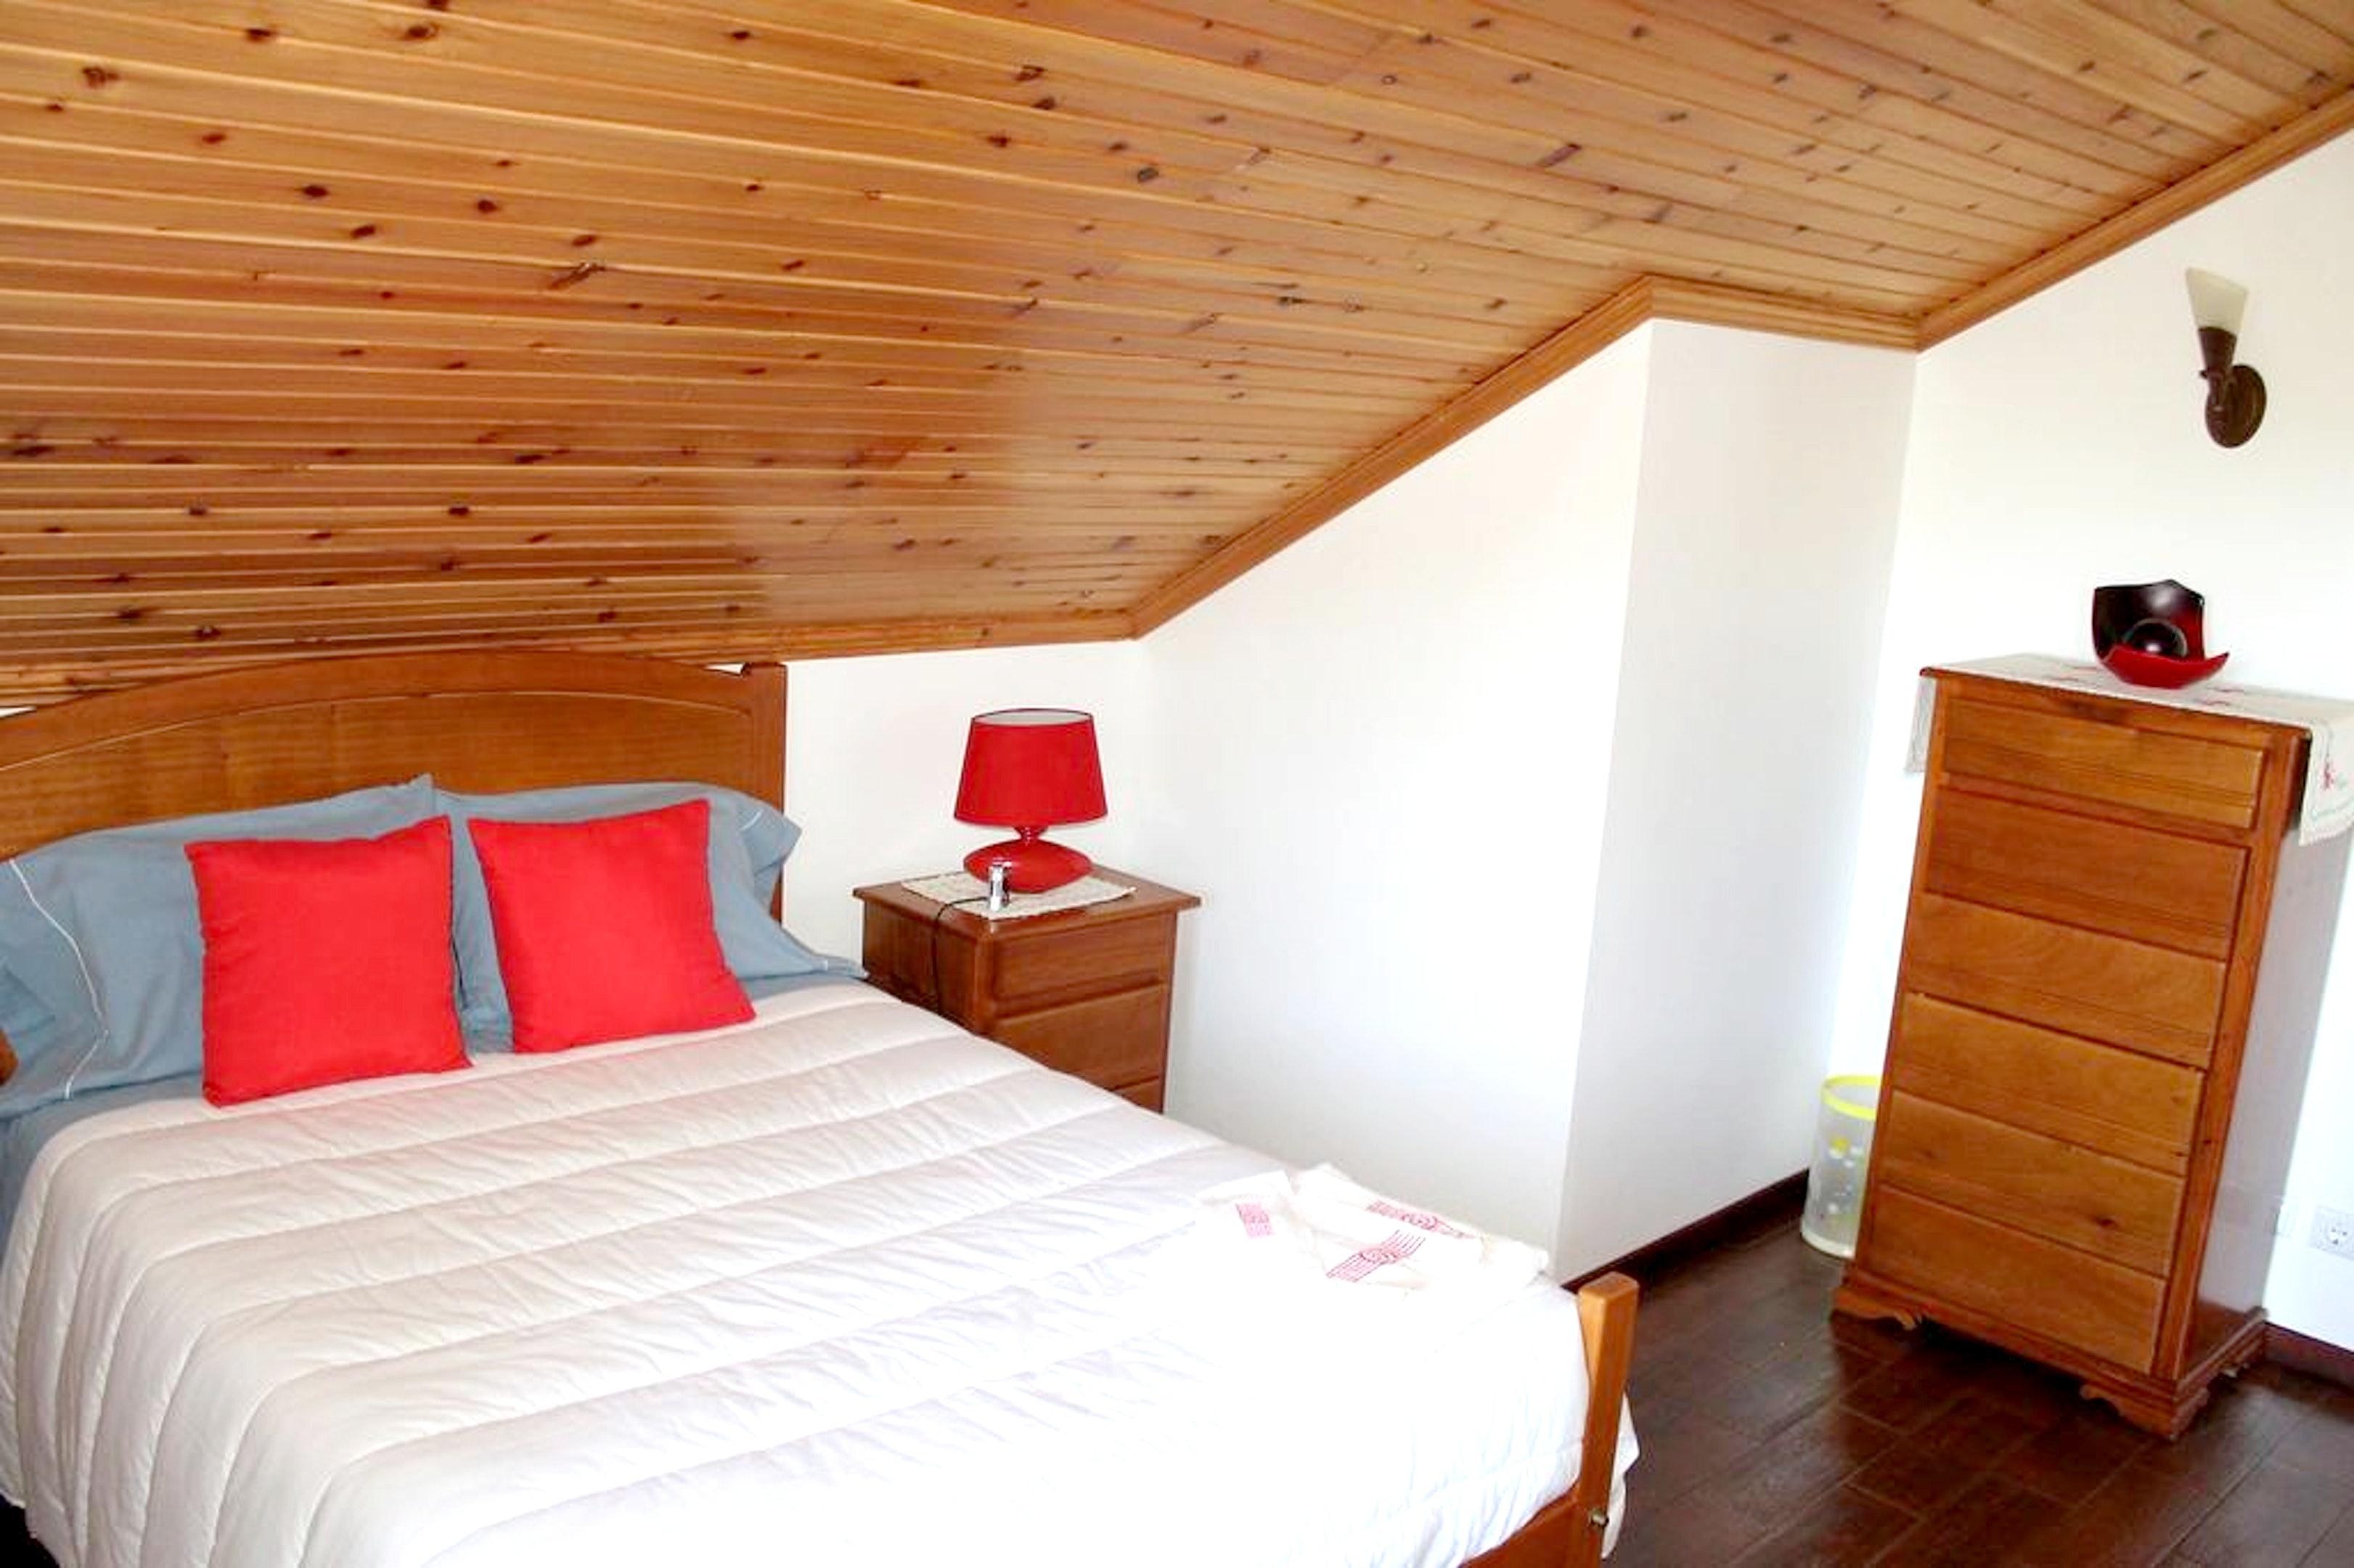 Ferienhaus Haus mit 3 Schlafzimmern in Prainha mit herrlichem Meerblick, eingezäuntem Garten und W-LA (2683894), Prainha, Pico, Azoren, Portugal, Bild 19